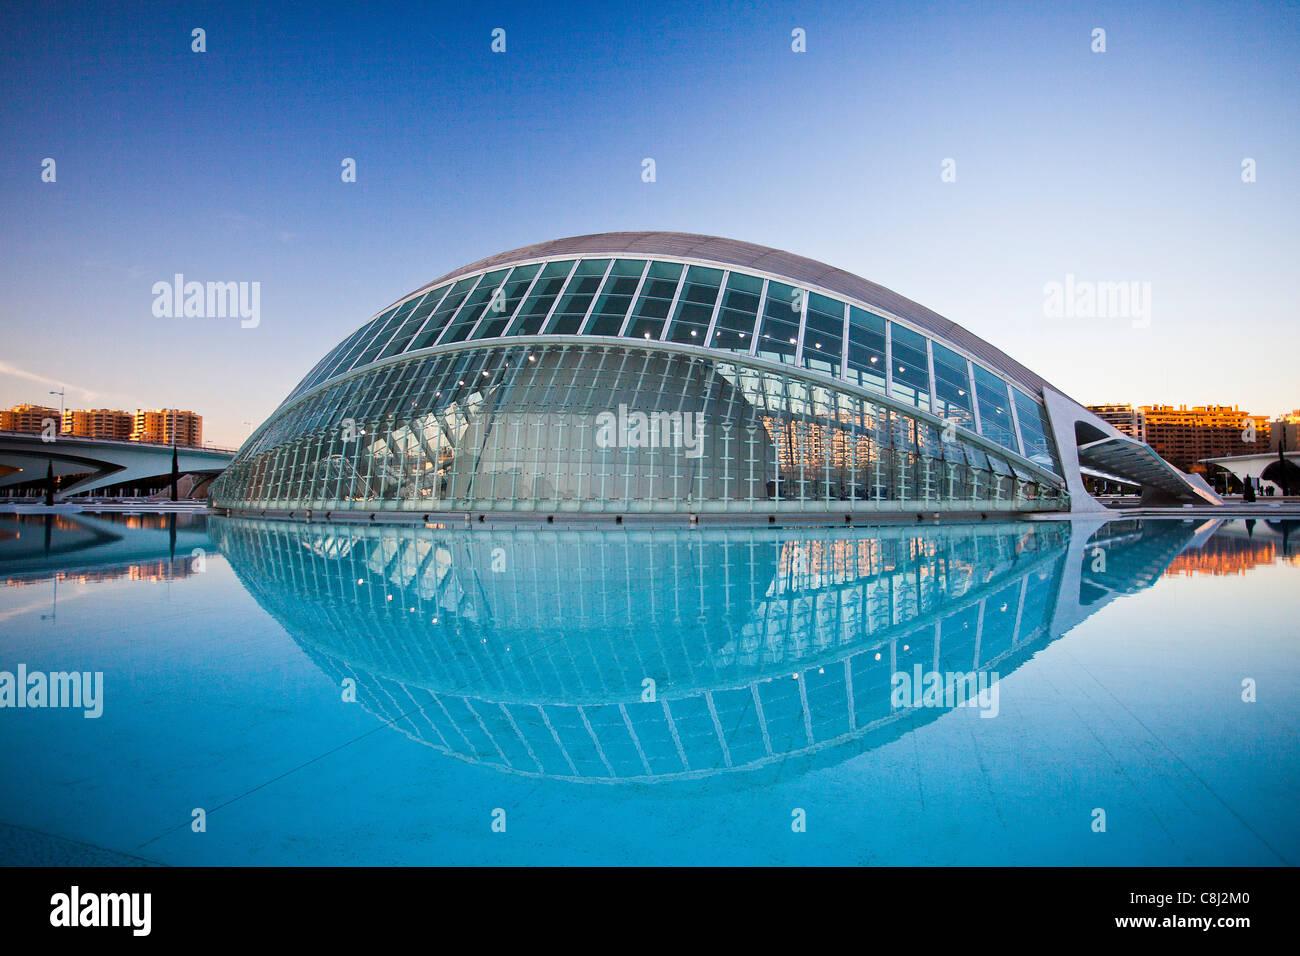 L'Espagne, l'Europe, Valence, Cité des Arts et des sciences, Calatrava, architecture, moderne, l'Hemisferic, de Banque D'Images